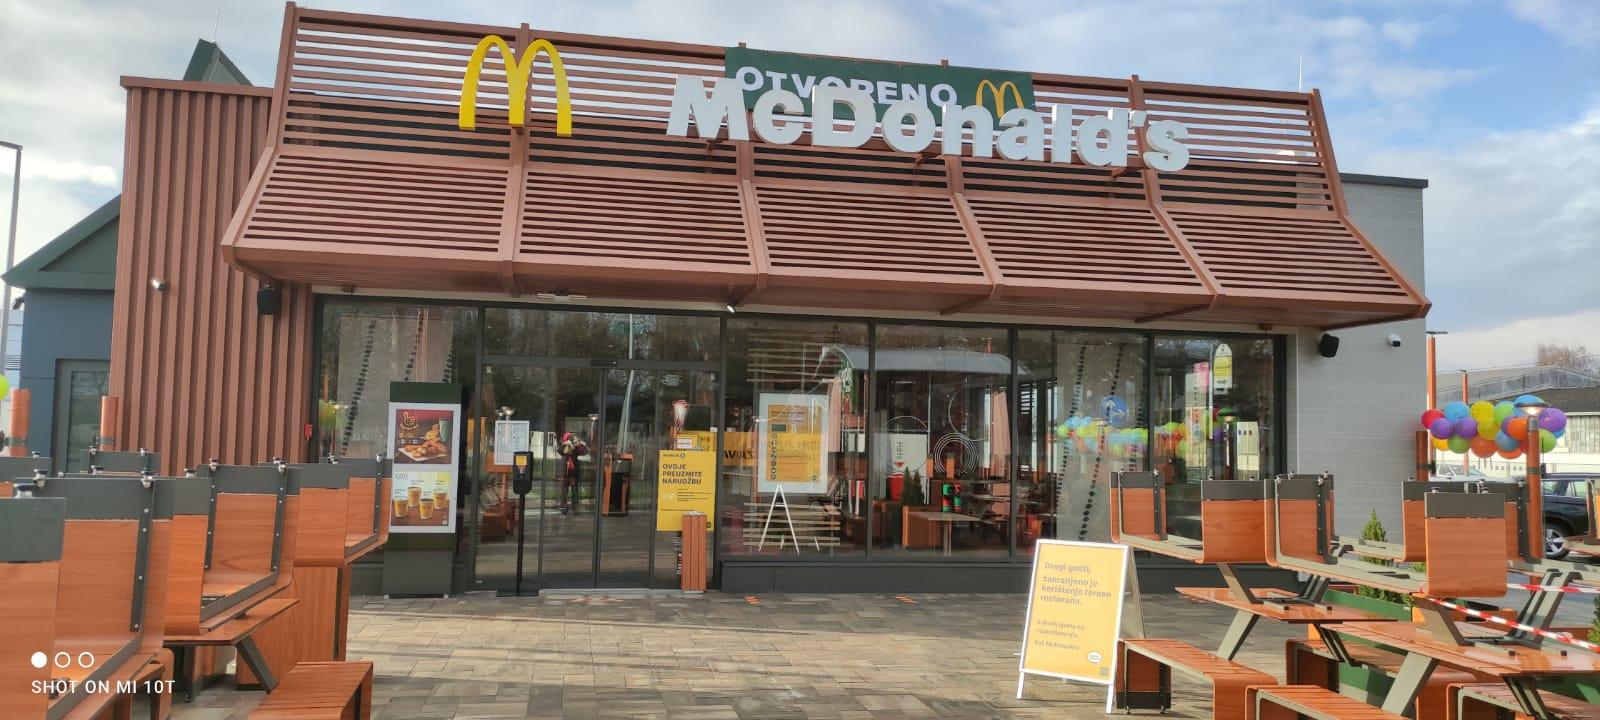 McDonald's (6)